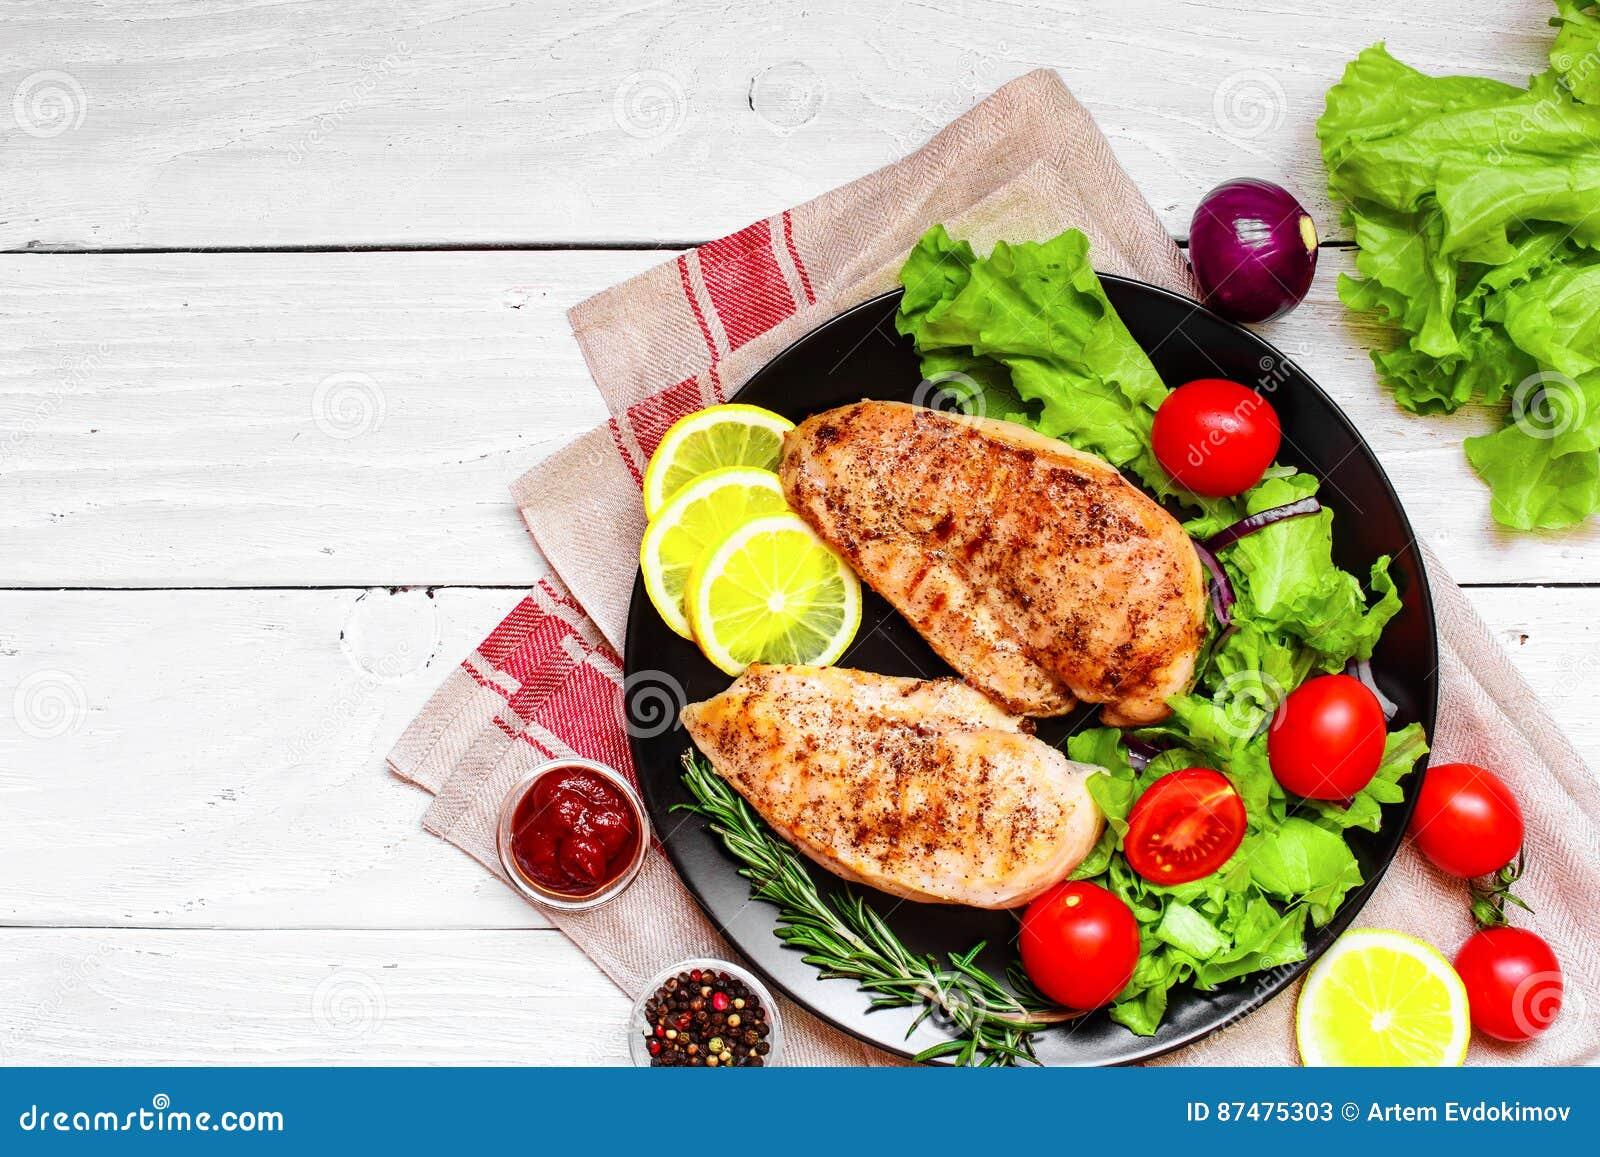 Зажаренная куриная грудка с овощами и травами